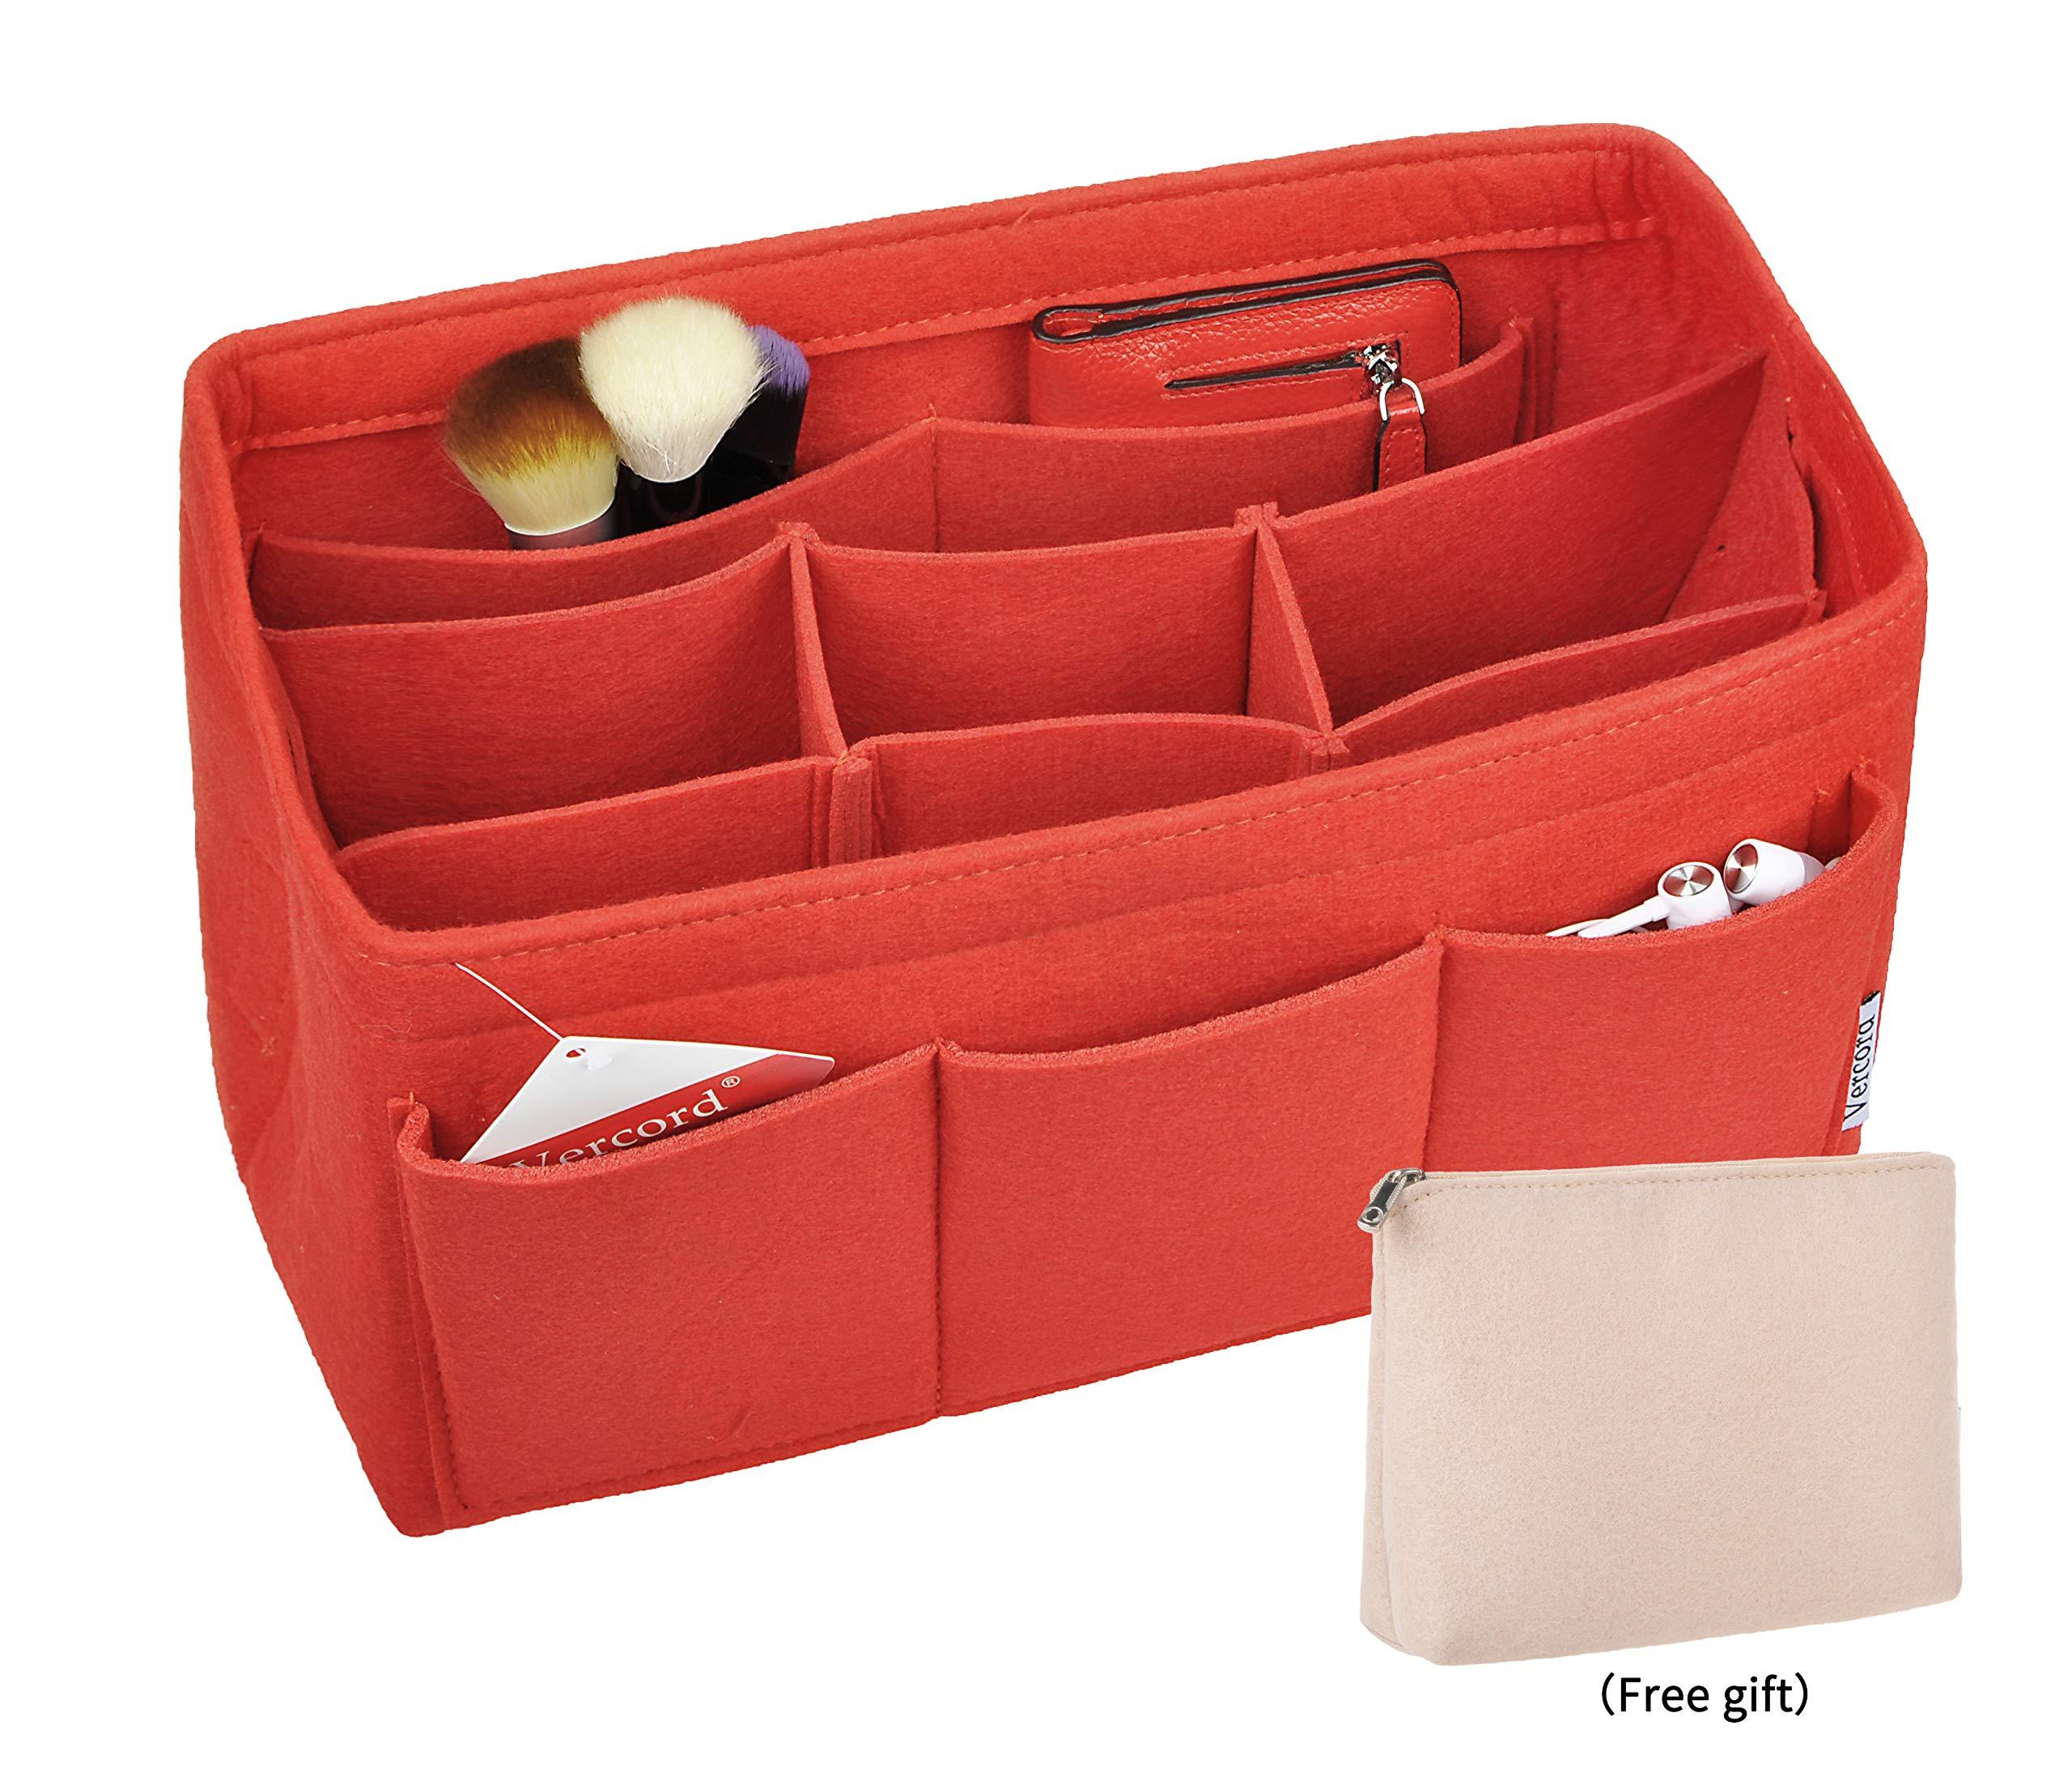 Vercord Felt Purse Handbag Pocketbook Tote Insert Organizer Bag Shaper In Bag Multi-Pockets SWSNB-012